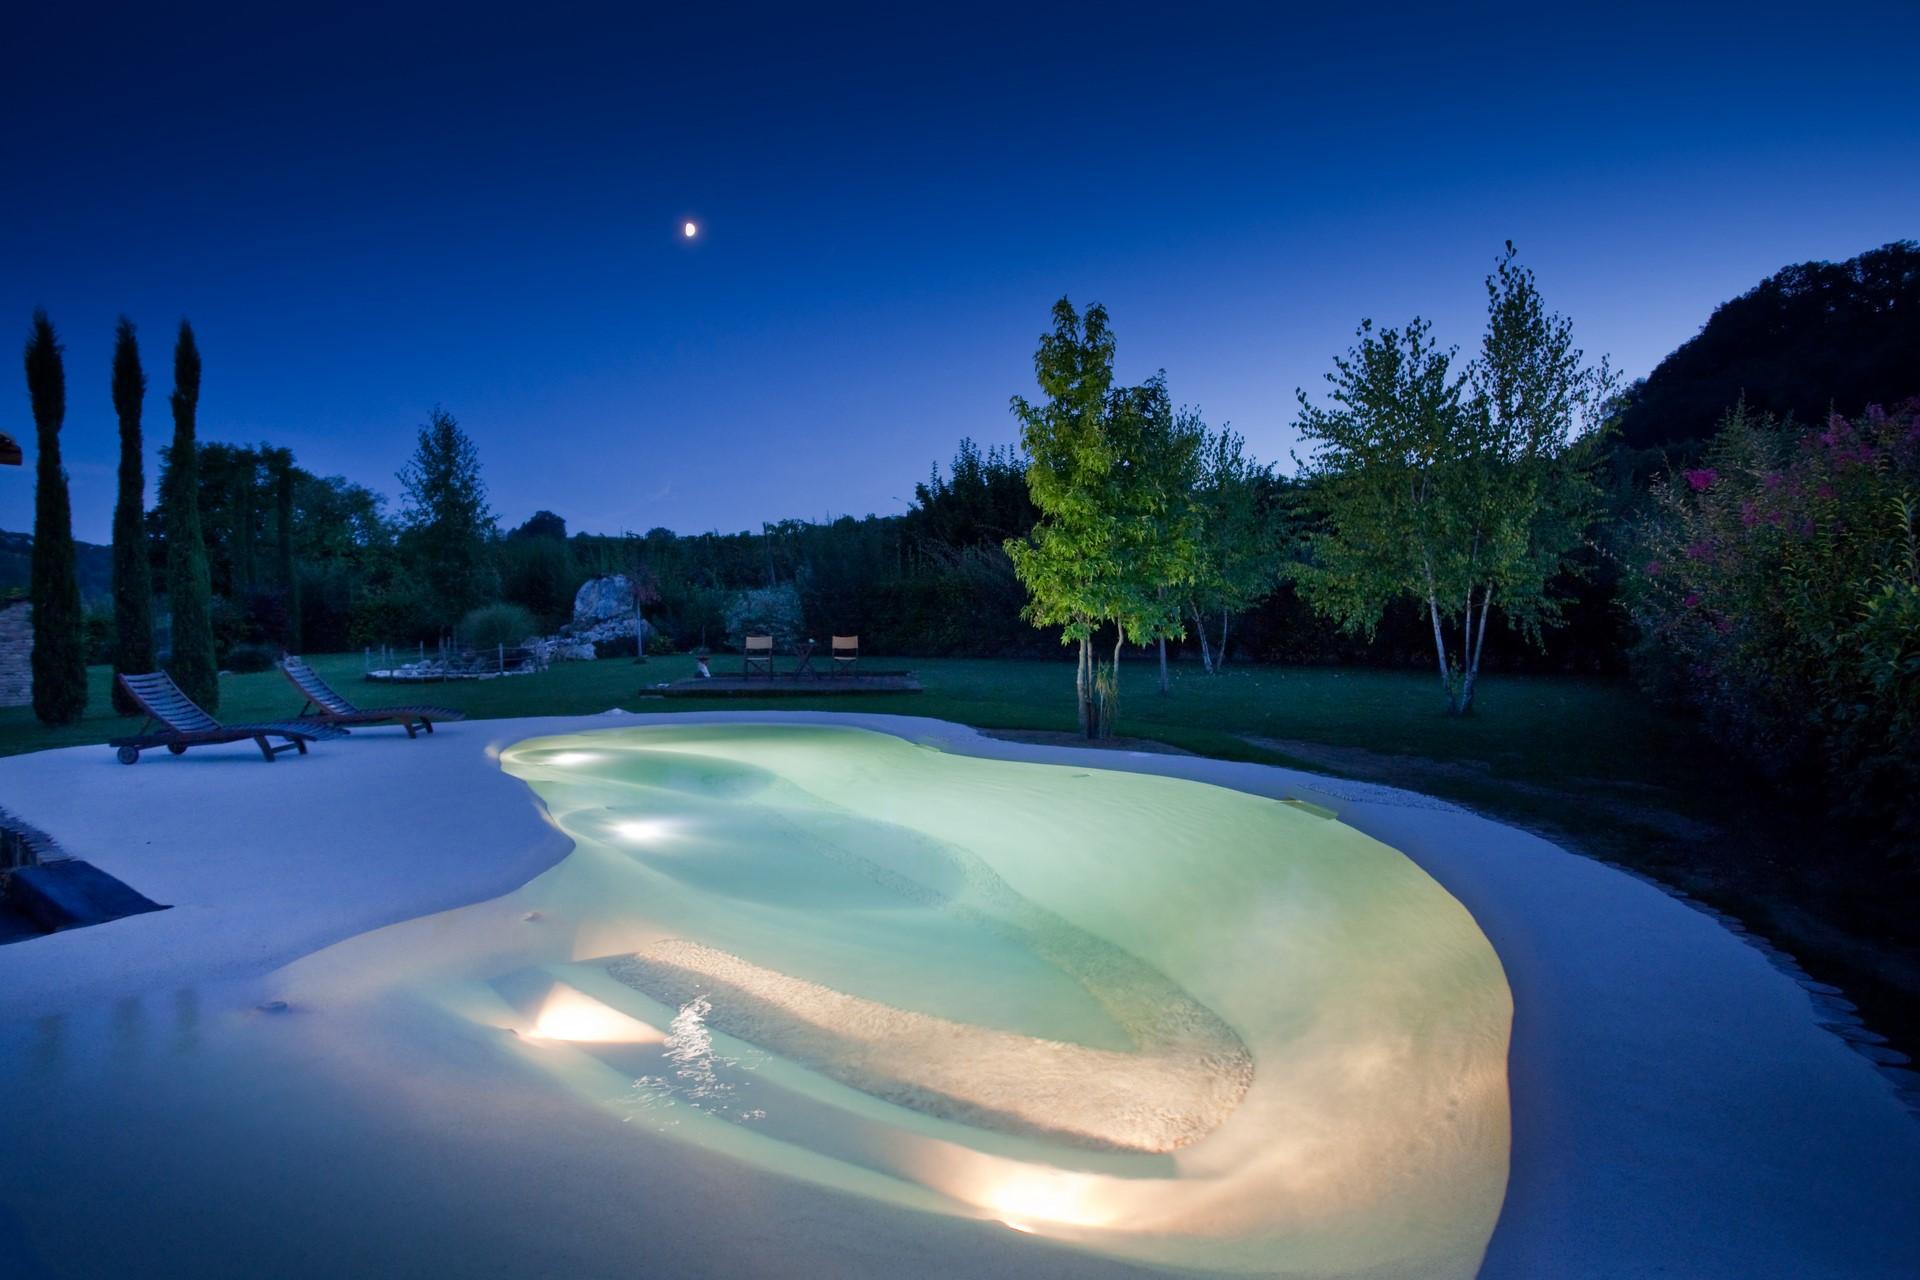 jardín con piscina de arena de playa